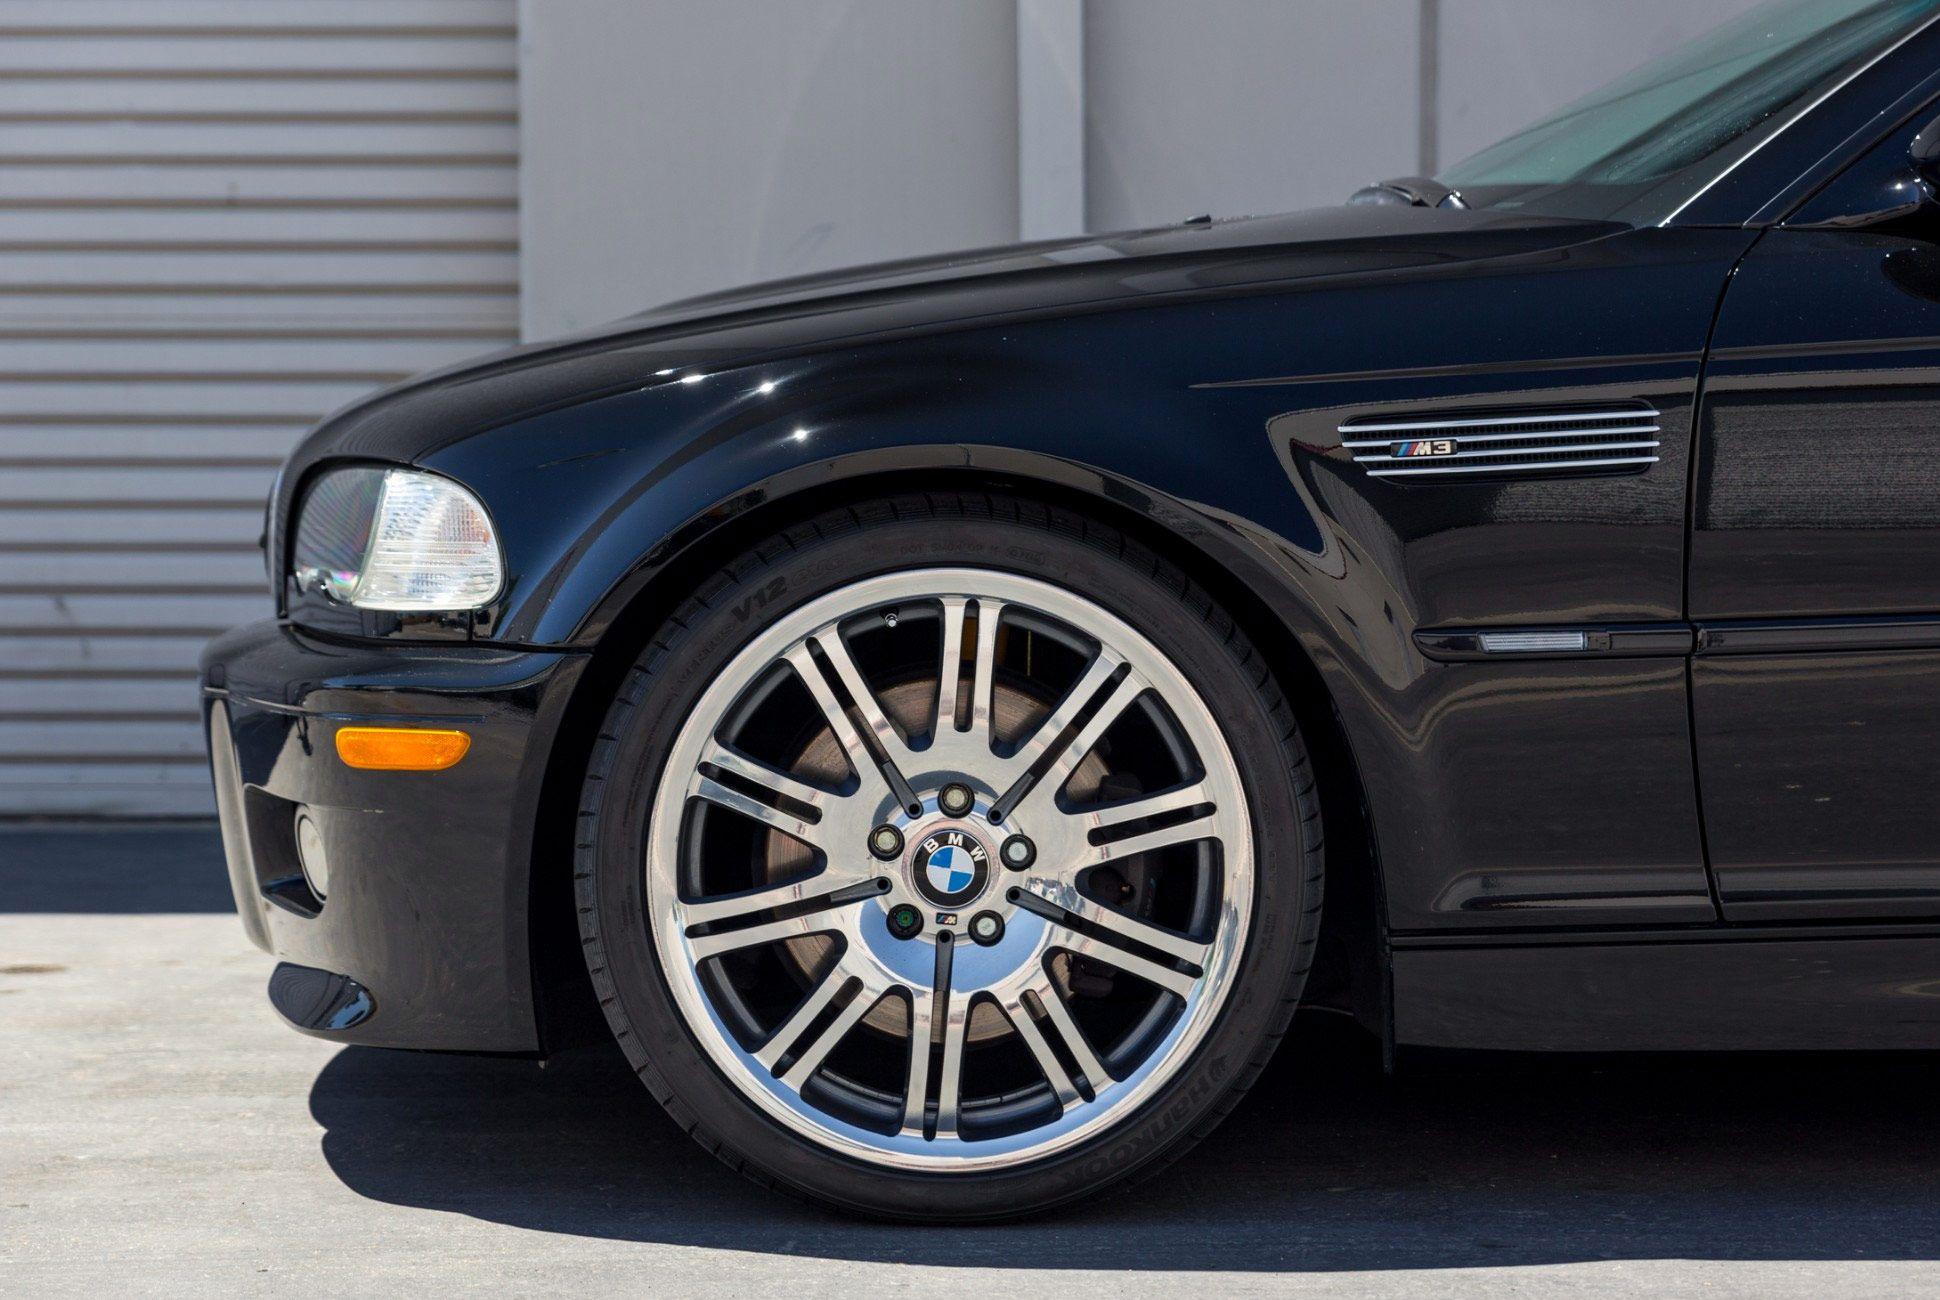 2005-Bring-a-Trailer-BMW-M3--gear-patrol-7